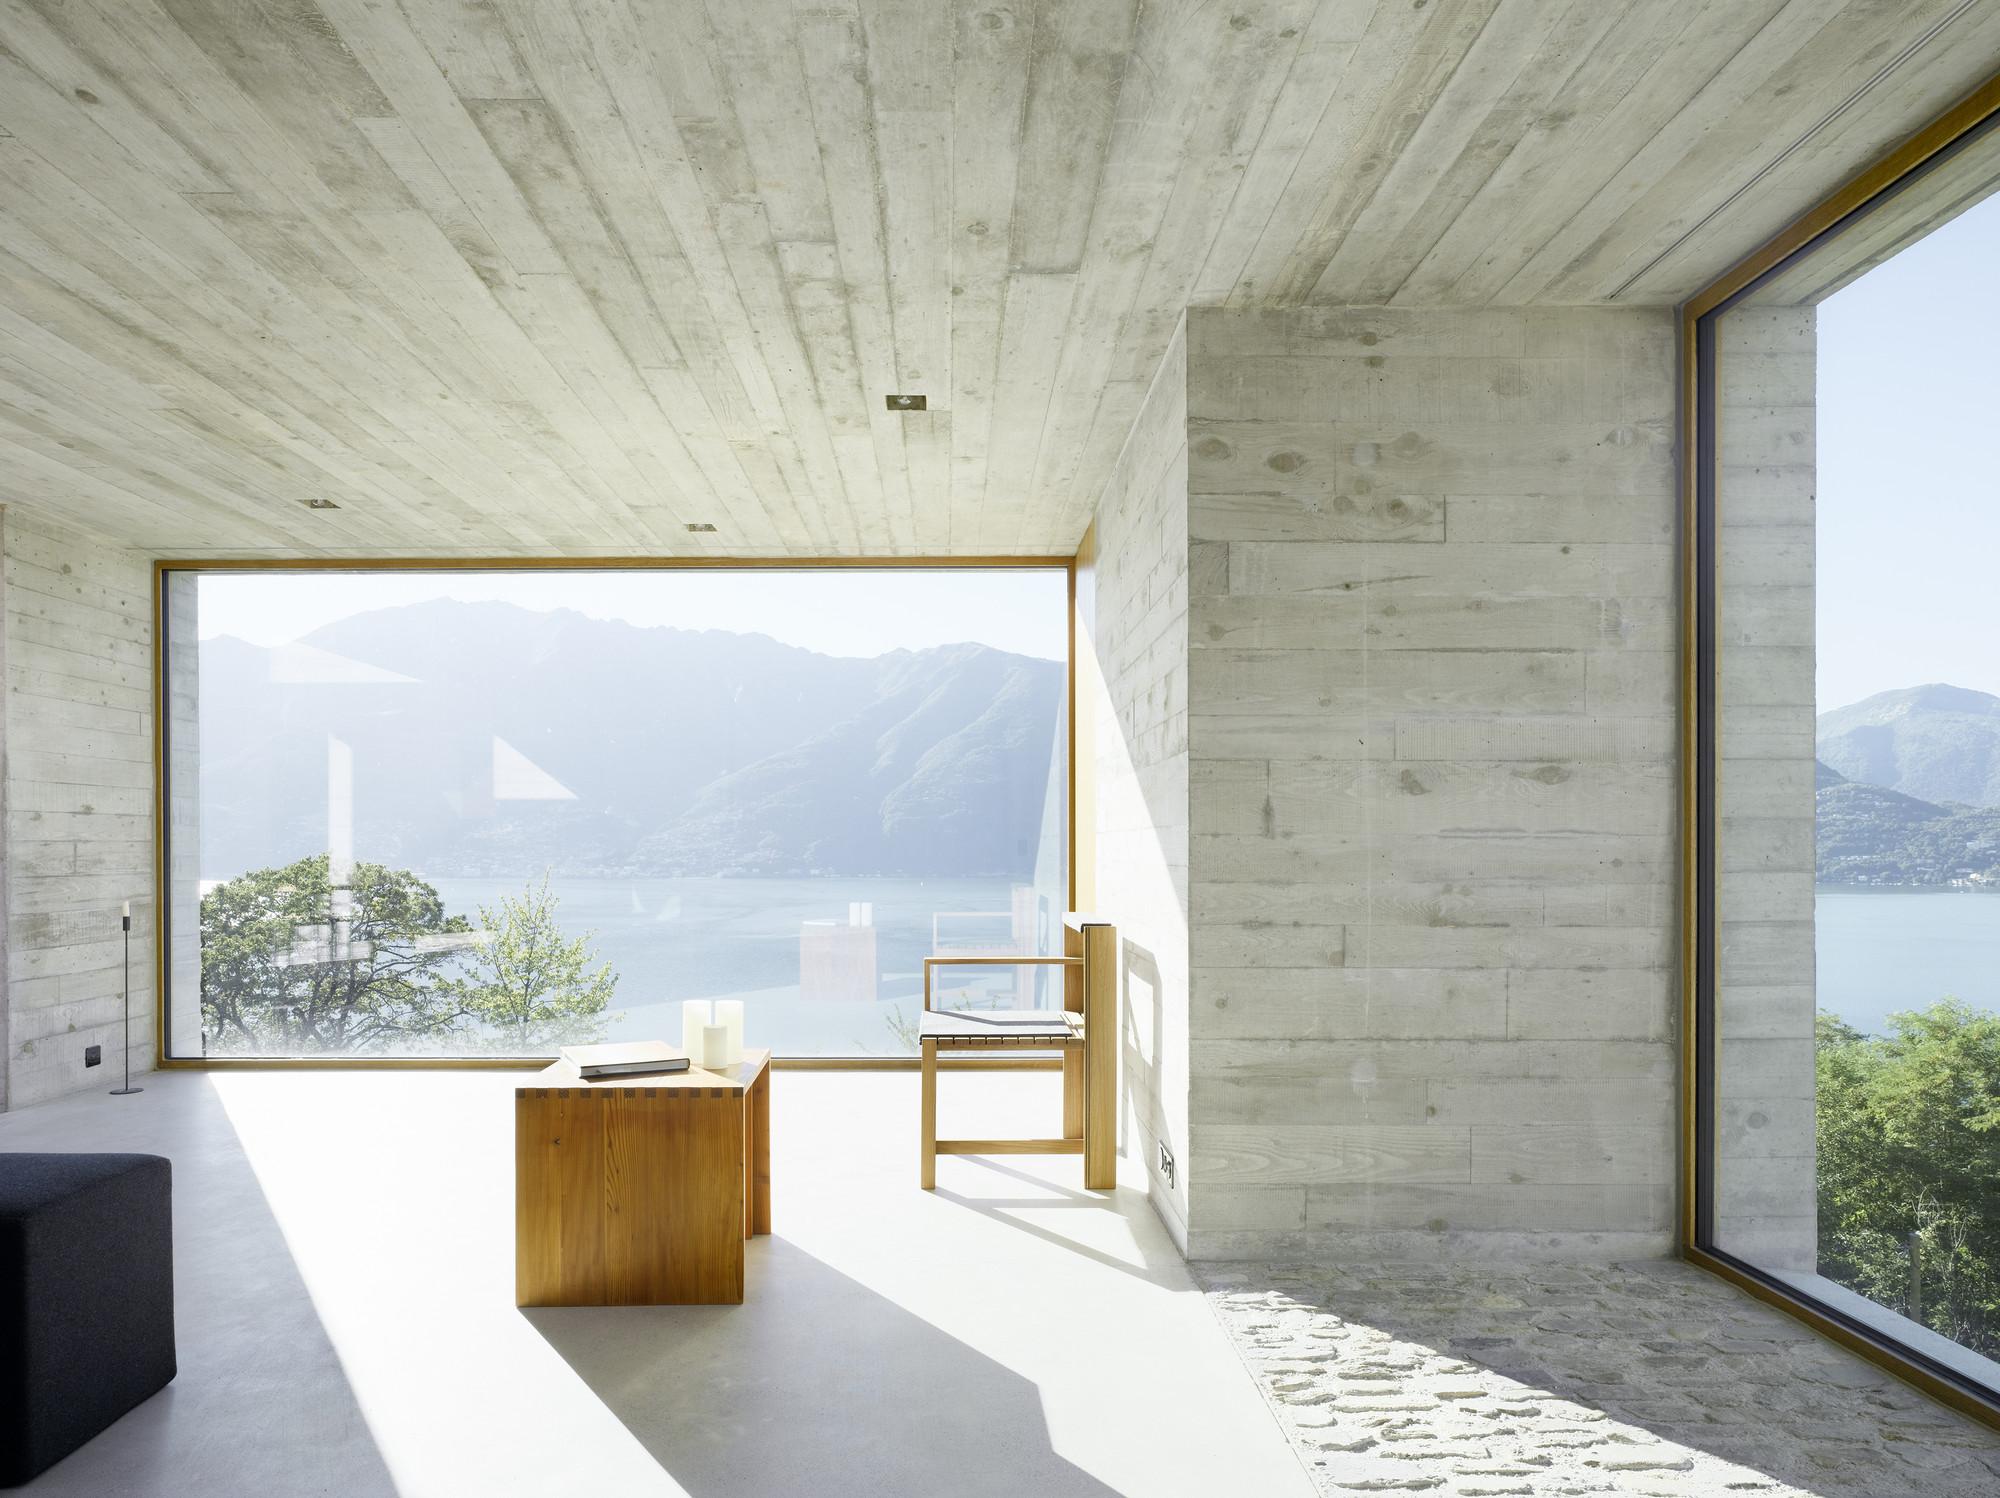 hannes henz - Concrete House